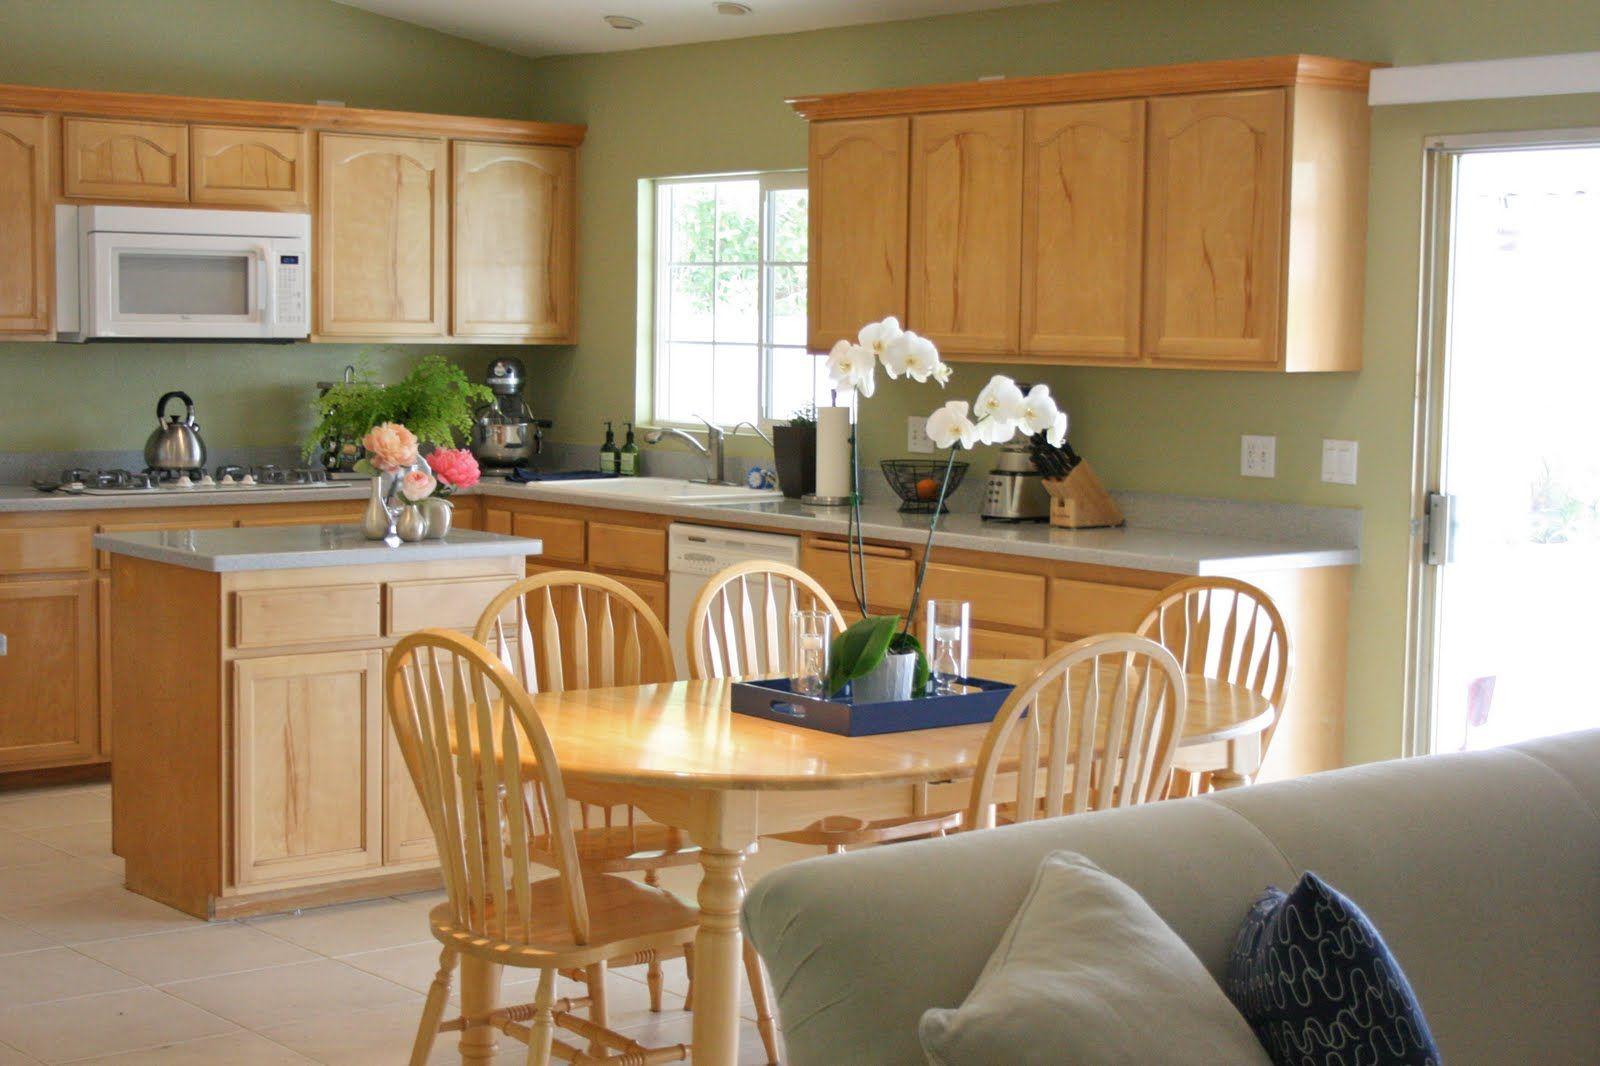 Best Kitchen Gallery: Blonde Wood Kitchen Cabi S Google Search My Dream Home of Blonde Kitchen Cabinets on rachelxblog.com